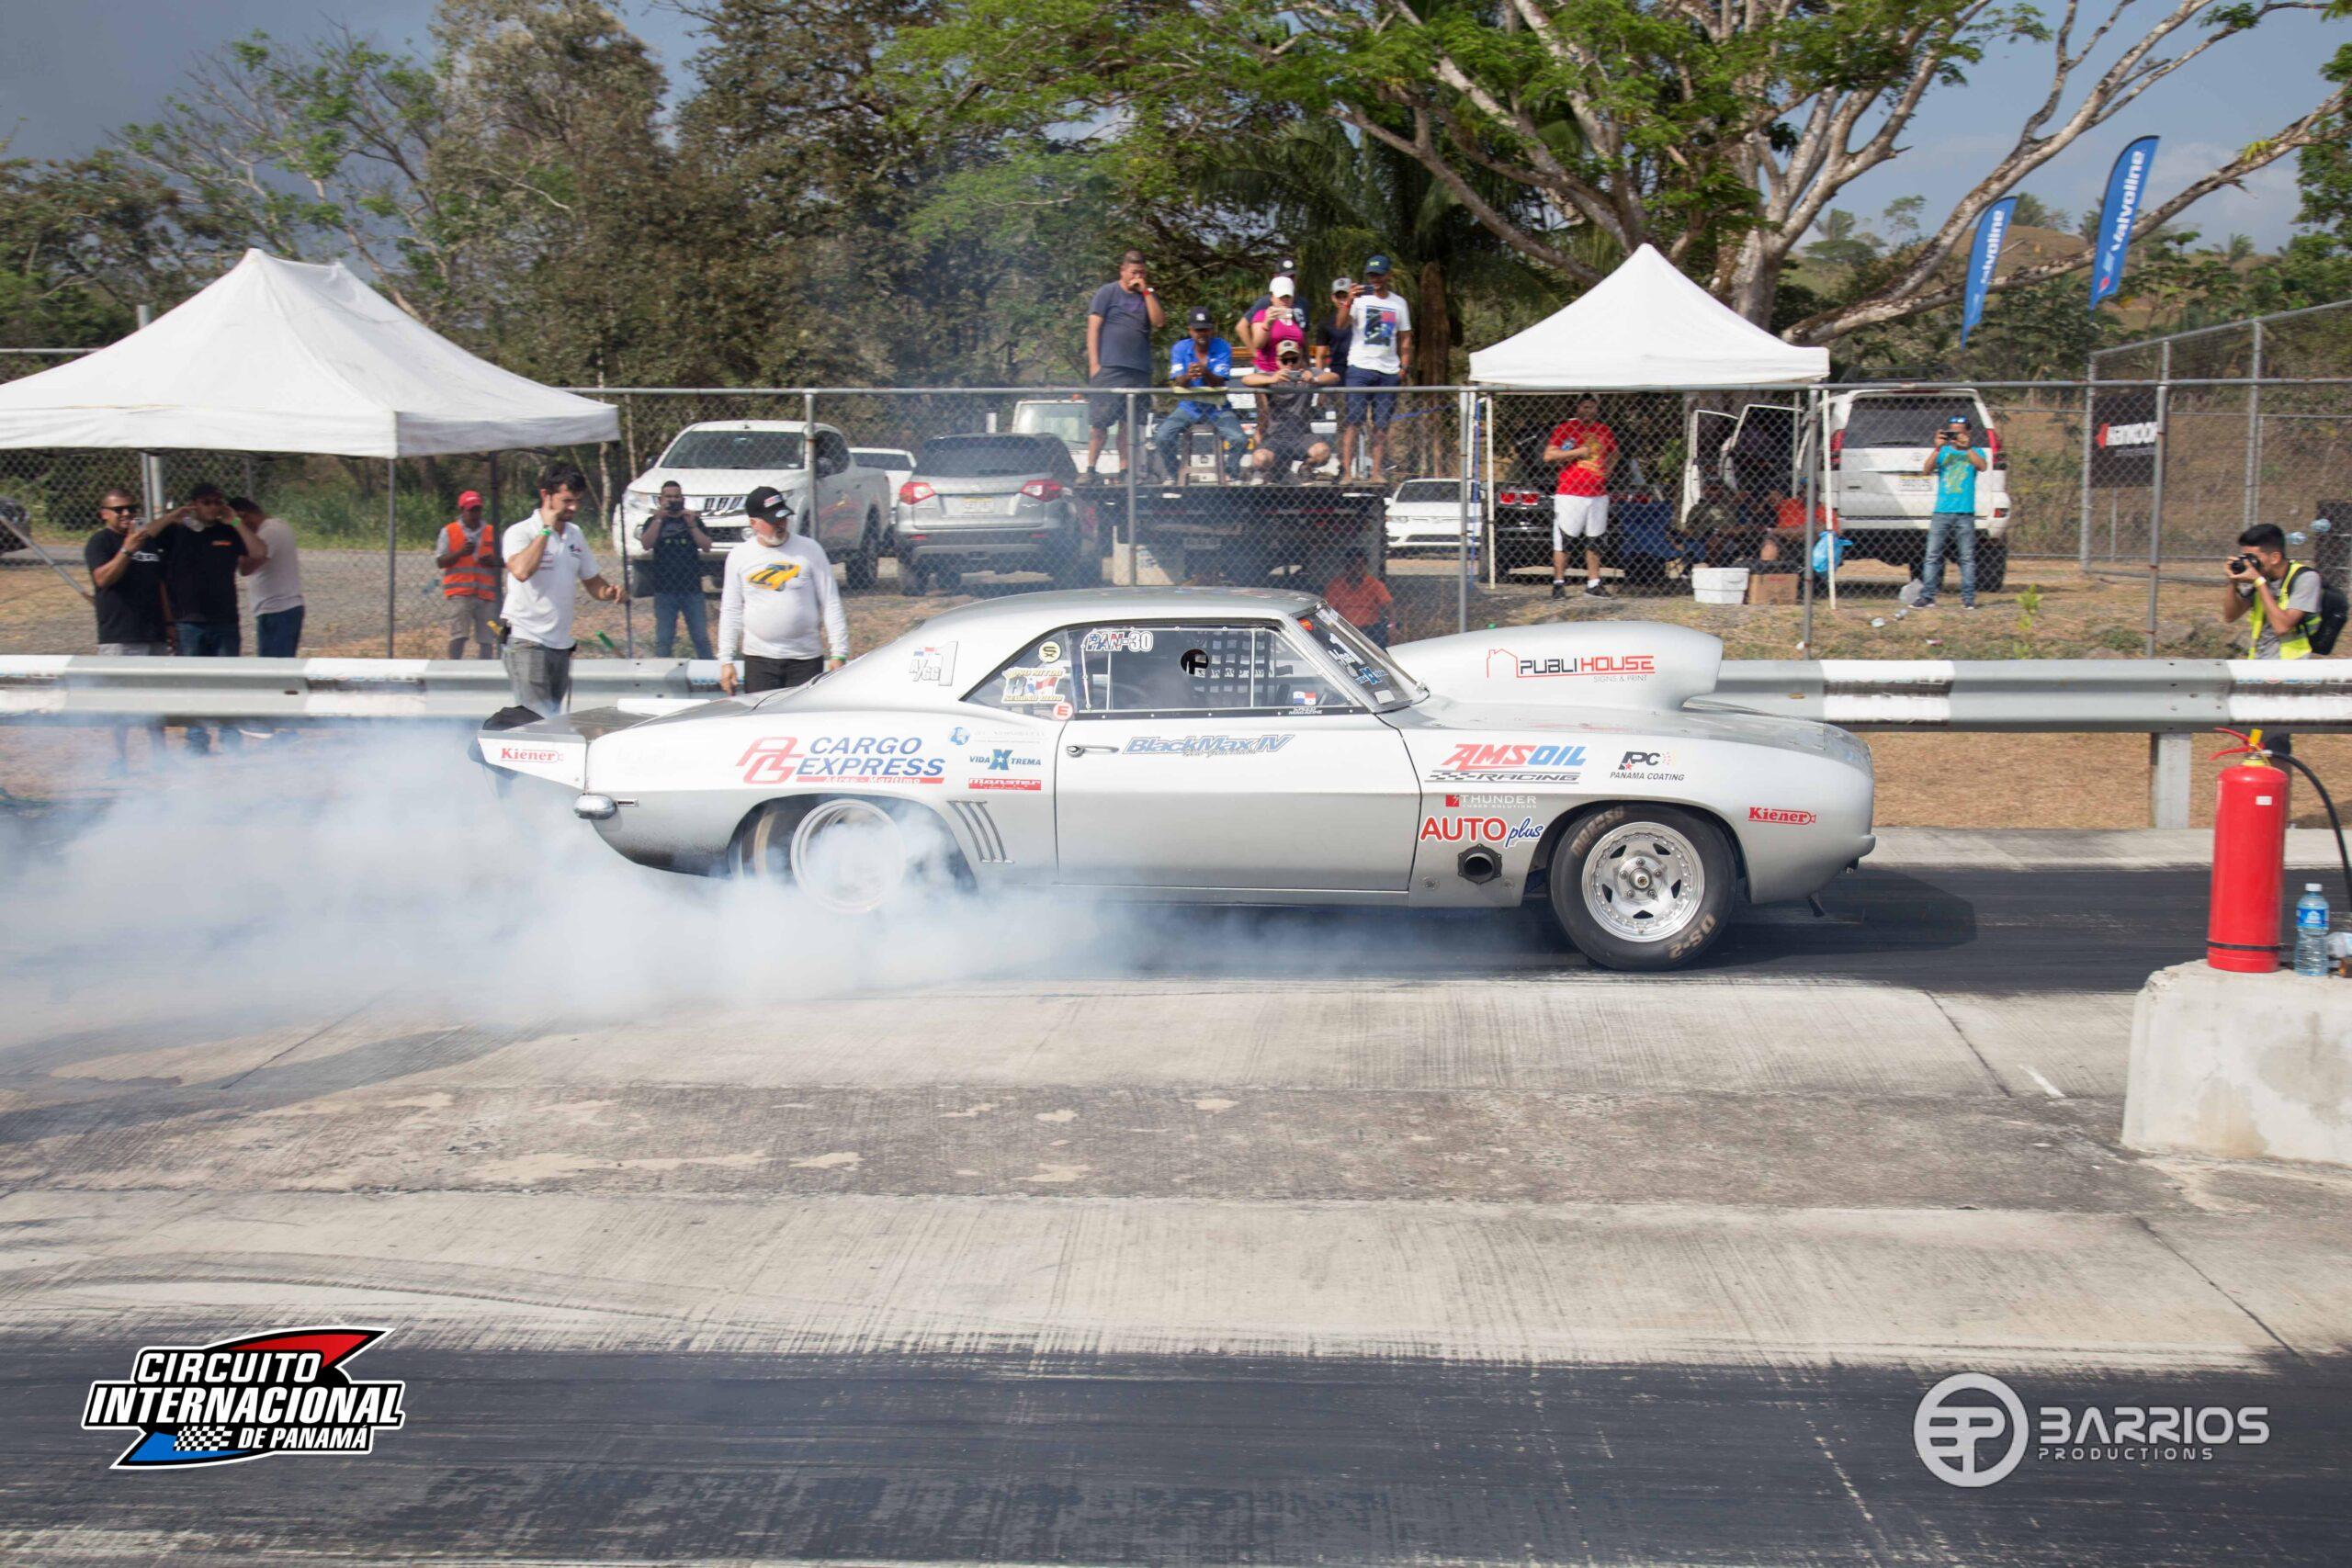 Motores rugirán en el Drag War del Circuito Internacional de Panamá